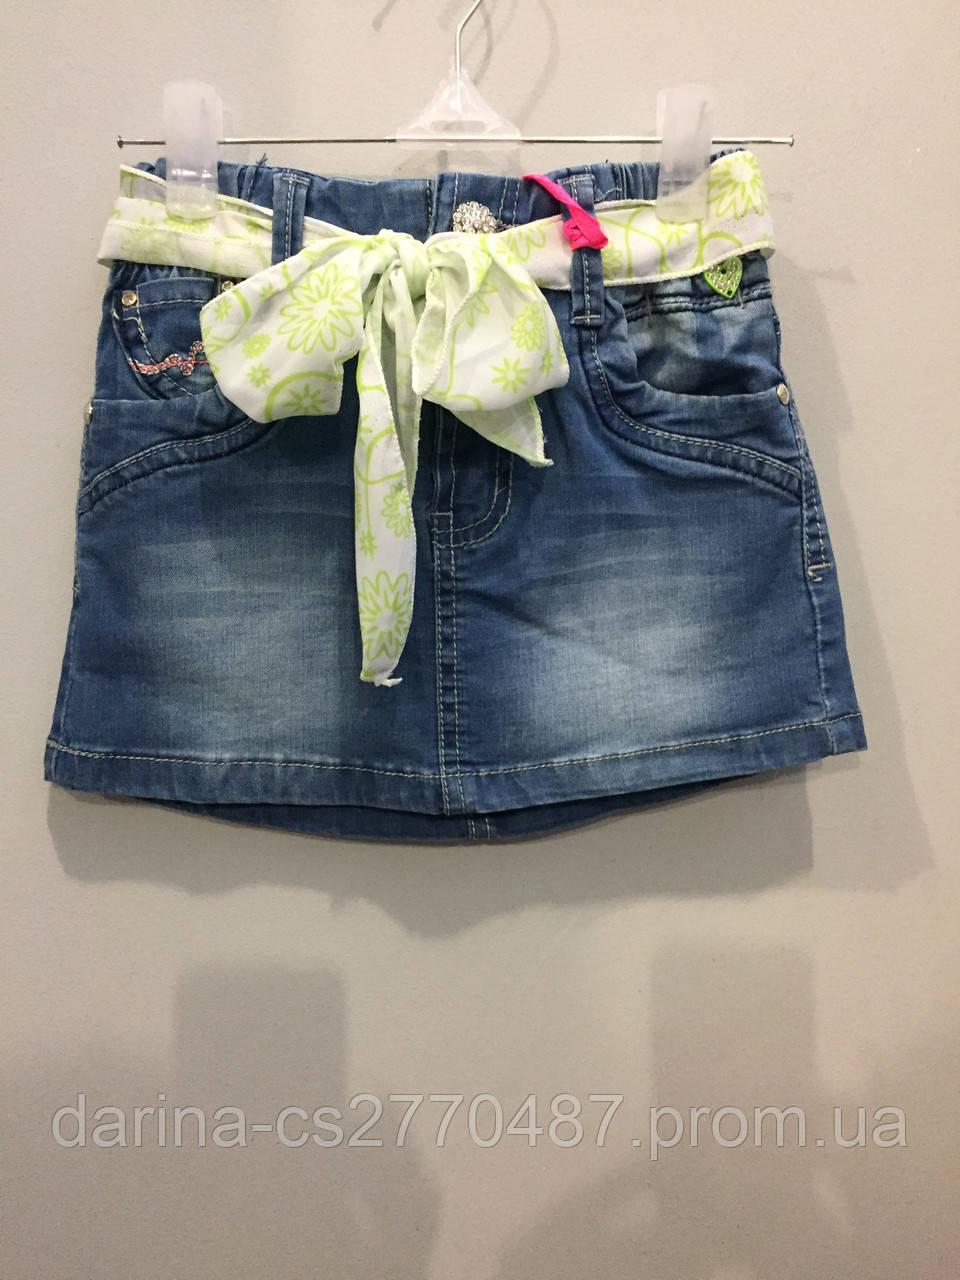 Детская джинсовая юбка 140 см